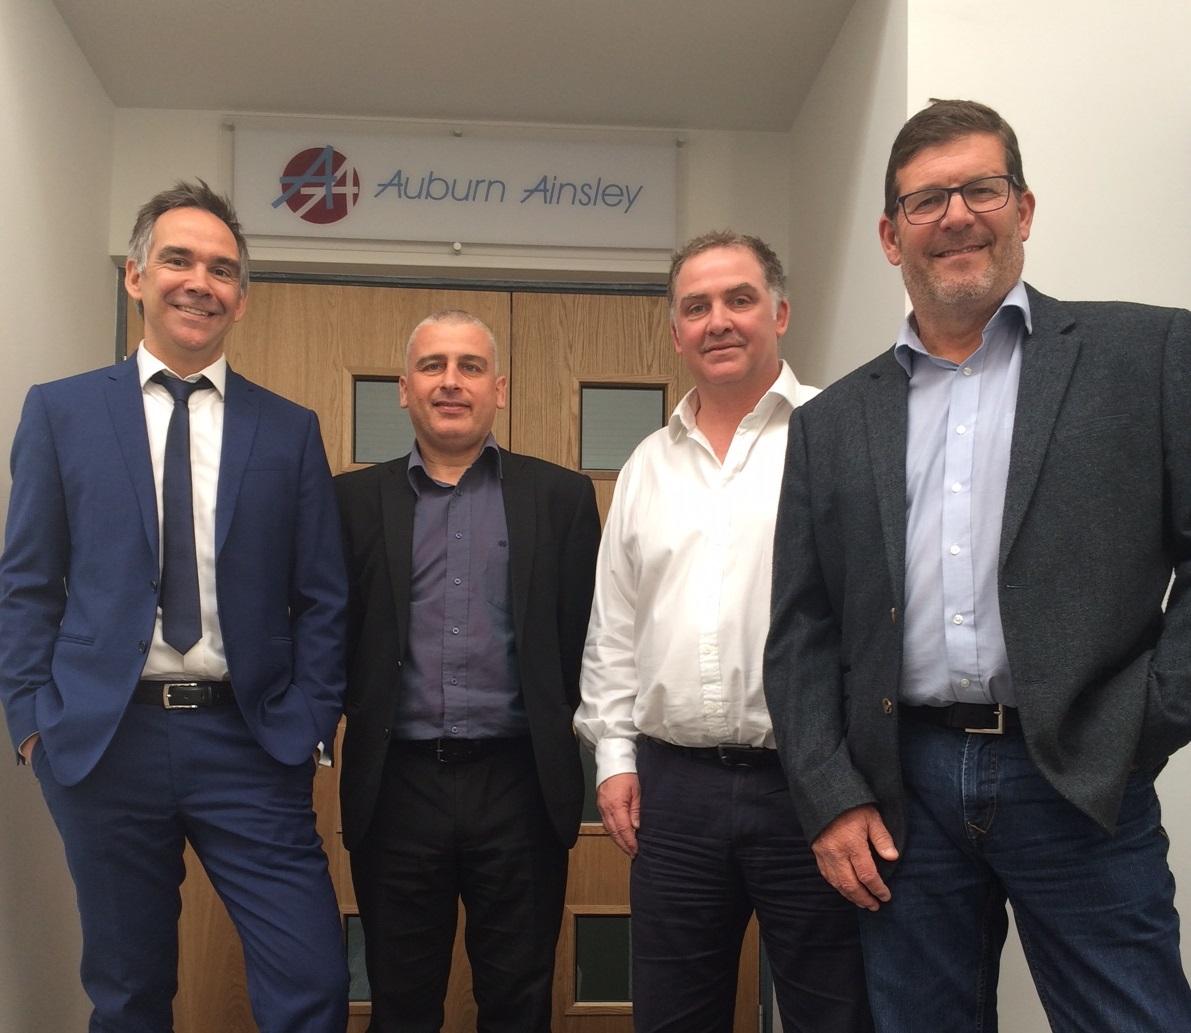 Auburn Ainsley 2